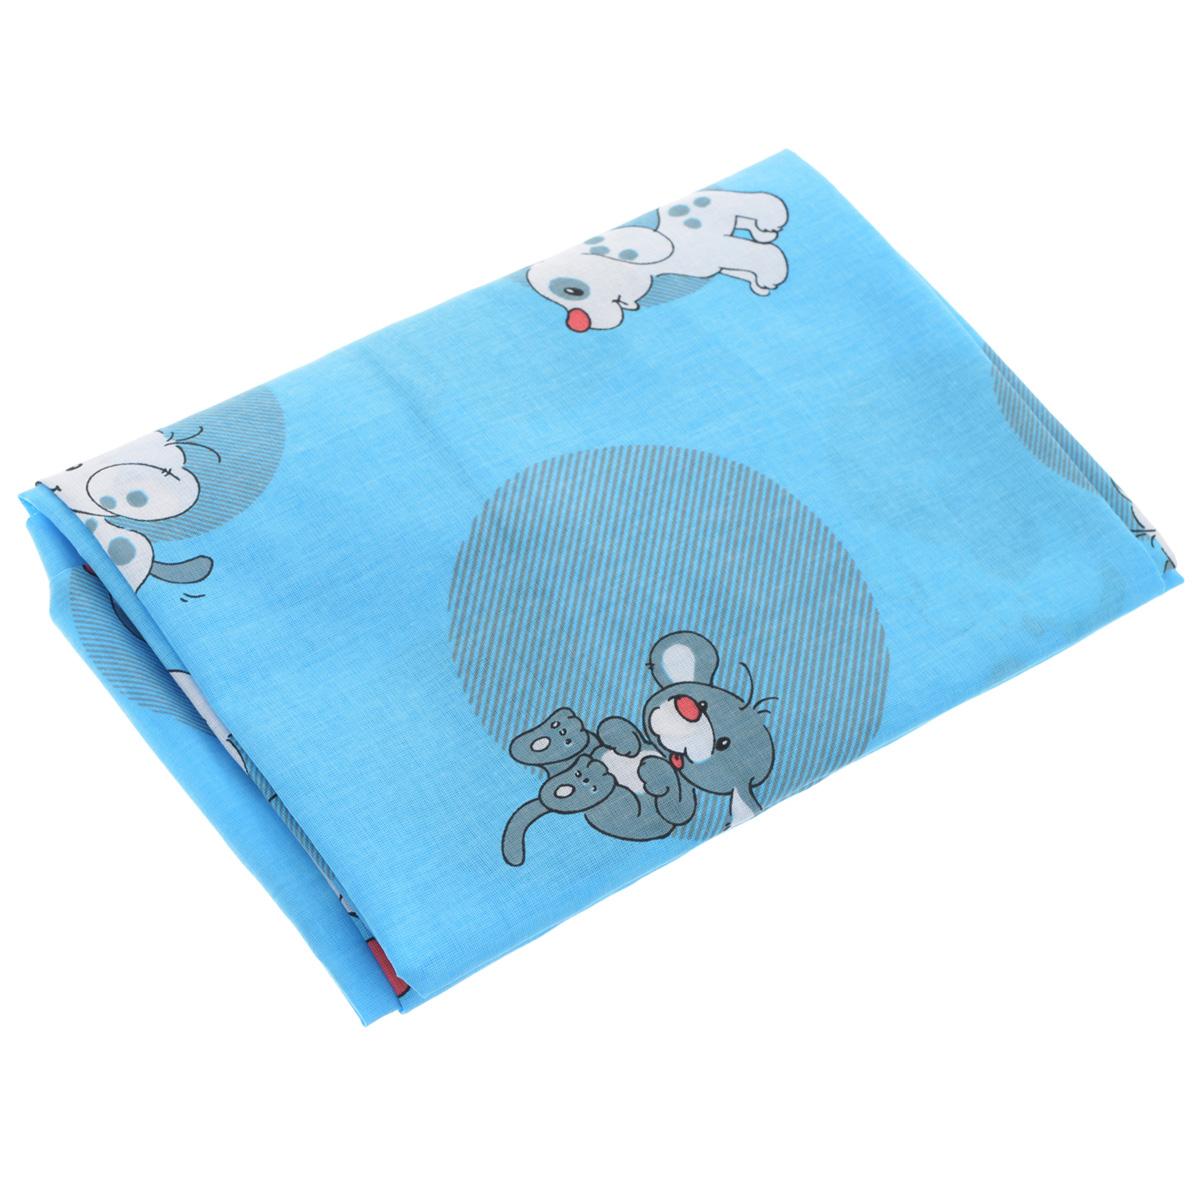 Простыня на резинке Фея Наши друзья, цвет: голубой, 60 см х 120 смОБТ-120Мягкая простыня на резинке Фея Наши друзья идеально подойдет для кроватки вашего малыша и обеспечит ему здоровый сон. Она изготовлена из натурального 100% хлопка, дарящего малышу непревзойденную мягкость. Простыня с помощью специальной резинки растягивается на матрасе. Она не сомнется и не скомкается, как бы не вертелся ребенок. Подарите вашему малышу комфорт и удобство!